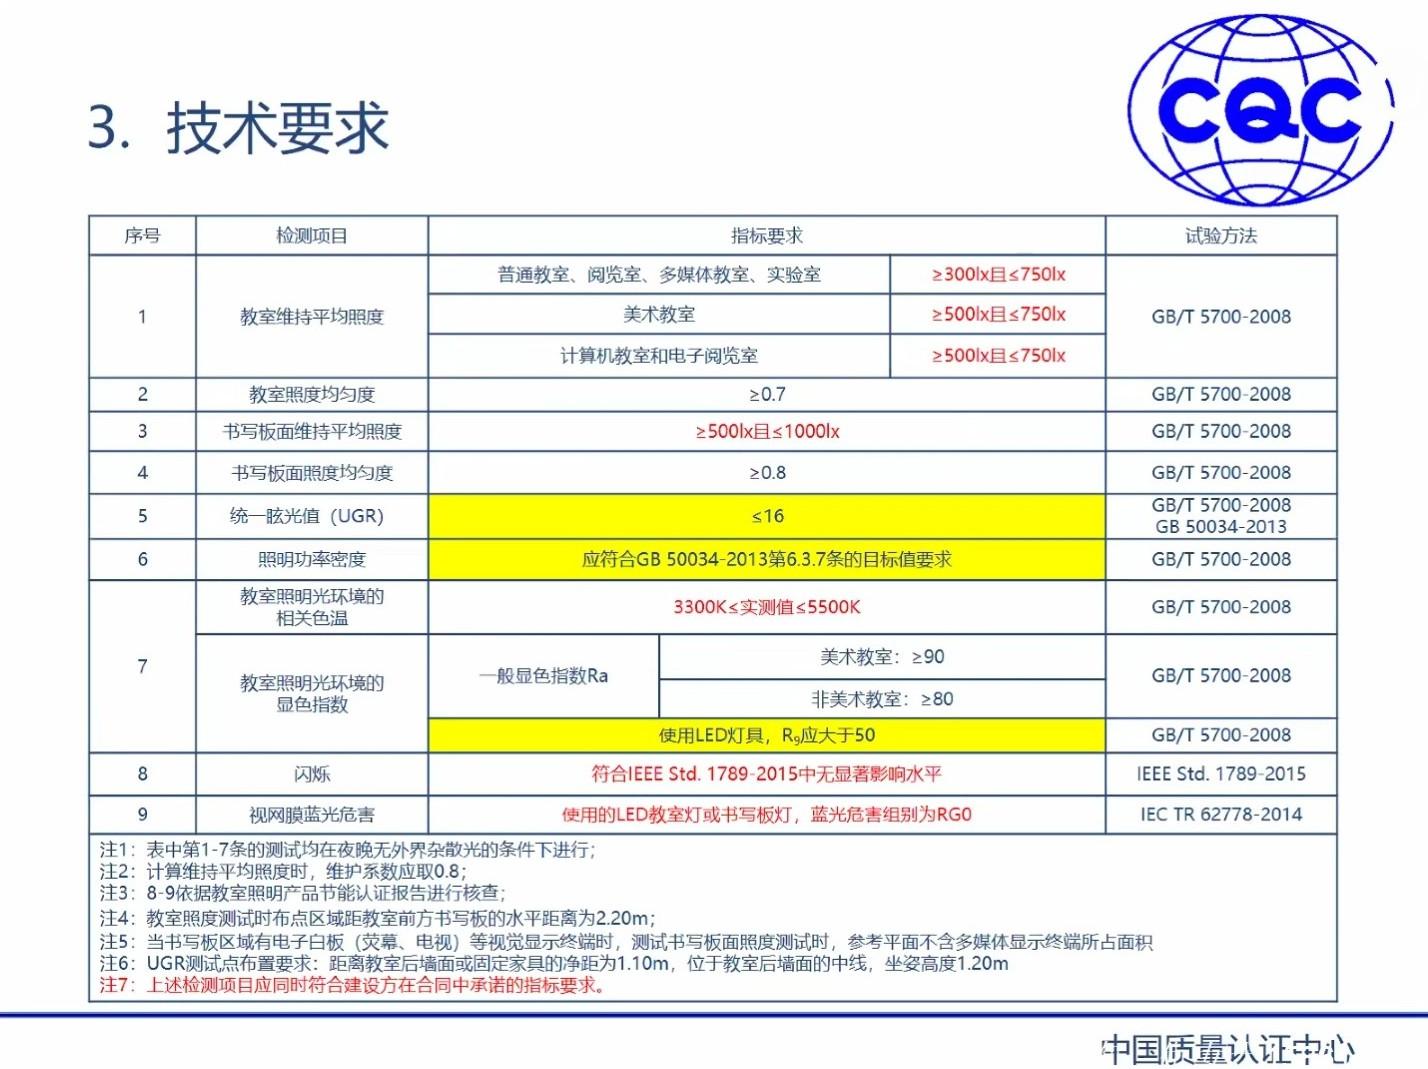 CQC1_(1).jpg